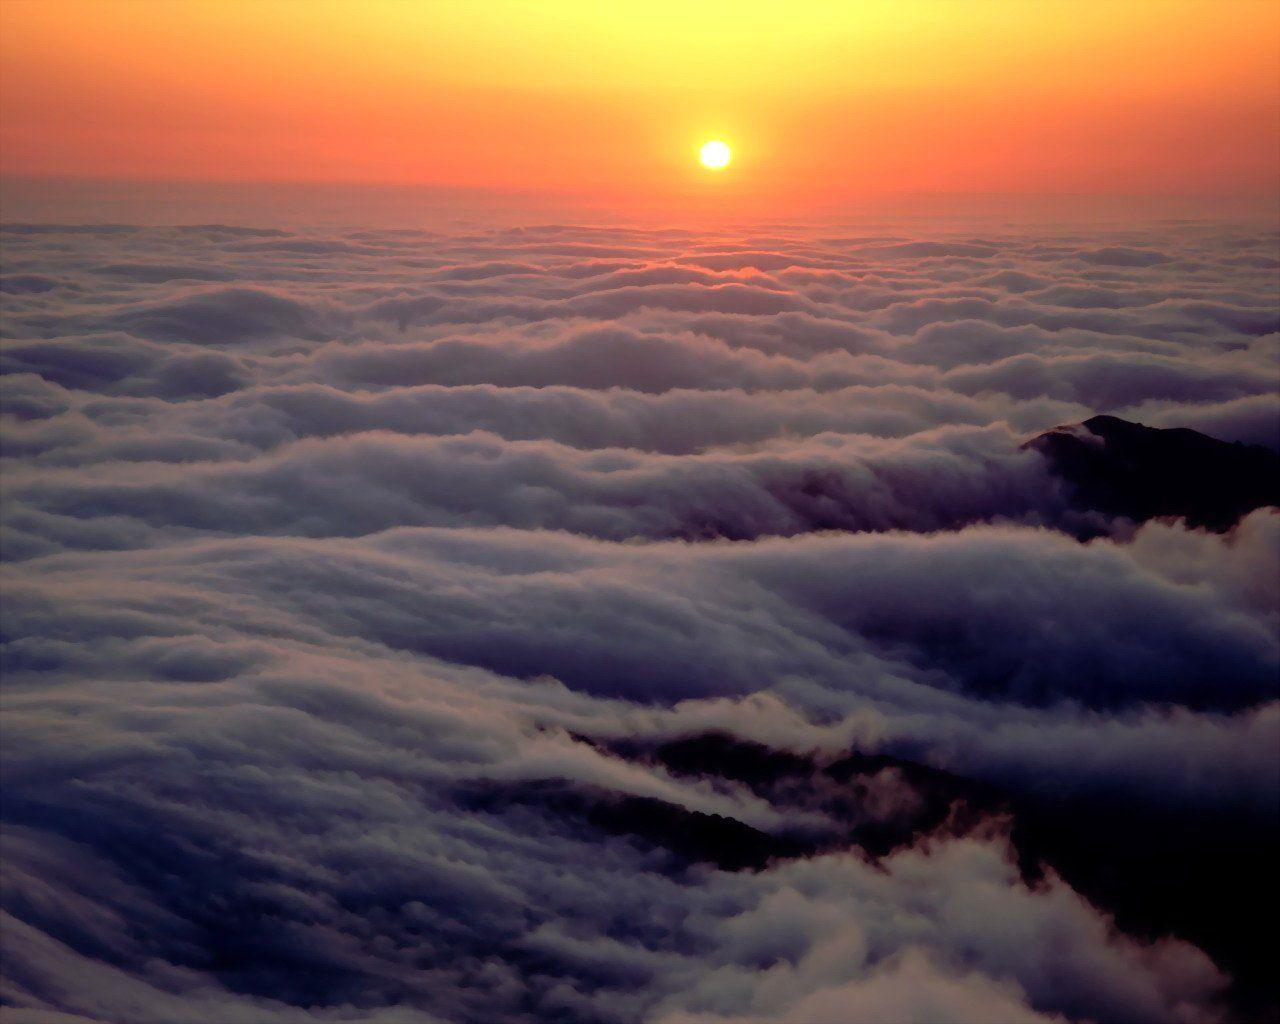 http://2.bp.blogspot.com/-s0A7NDQ5TT0/TdxFaVxtXtI/AAAAAAAAAGw/81Gk0_ovdUo/s1600/Ethereal-Ocean-1-1280x1024-Ocean-wallpaper-nature.jpg